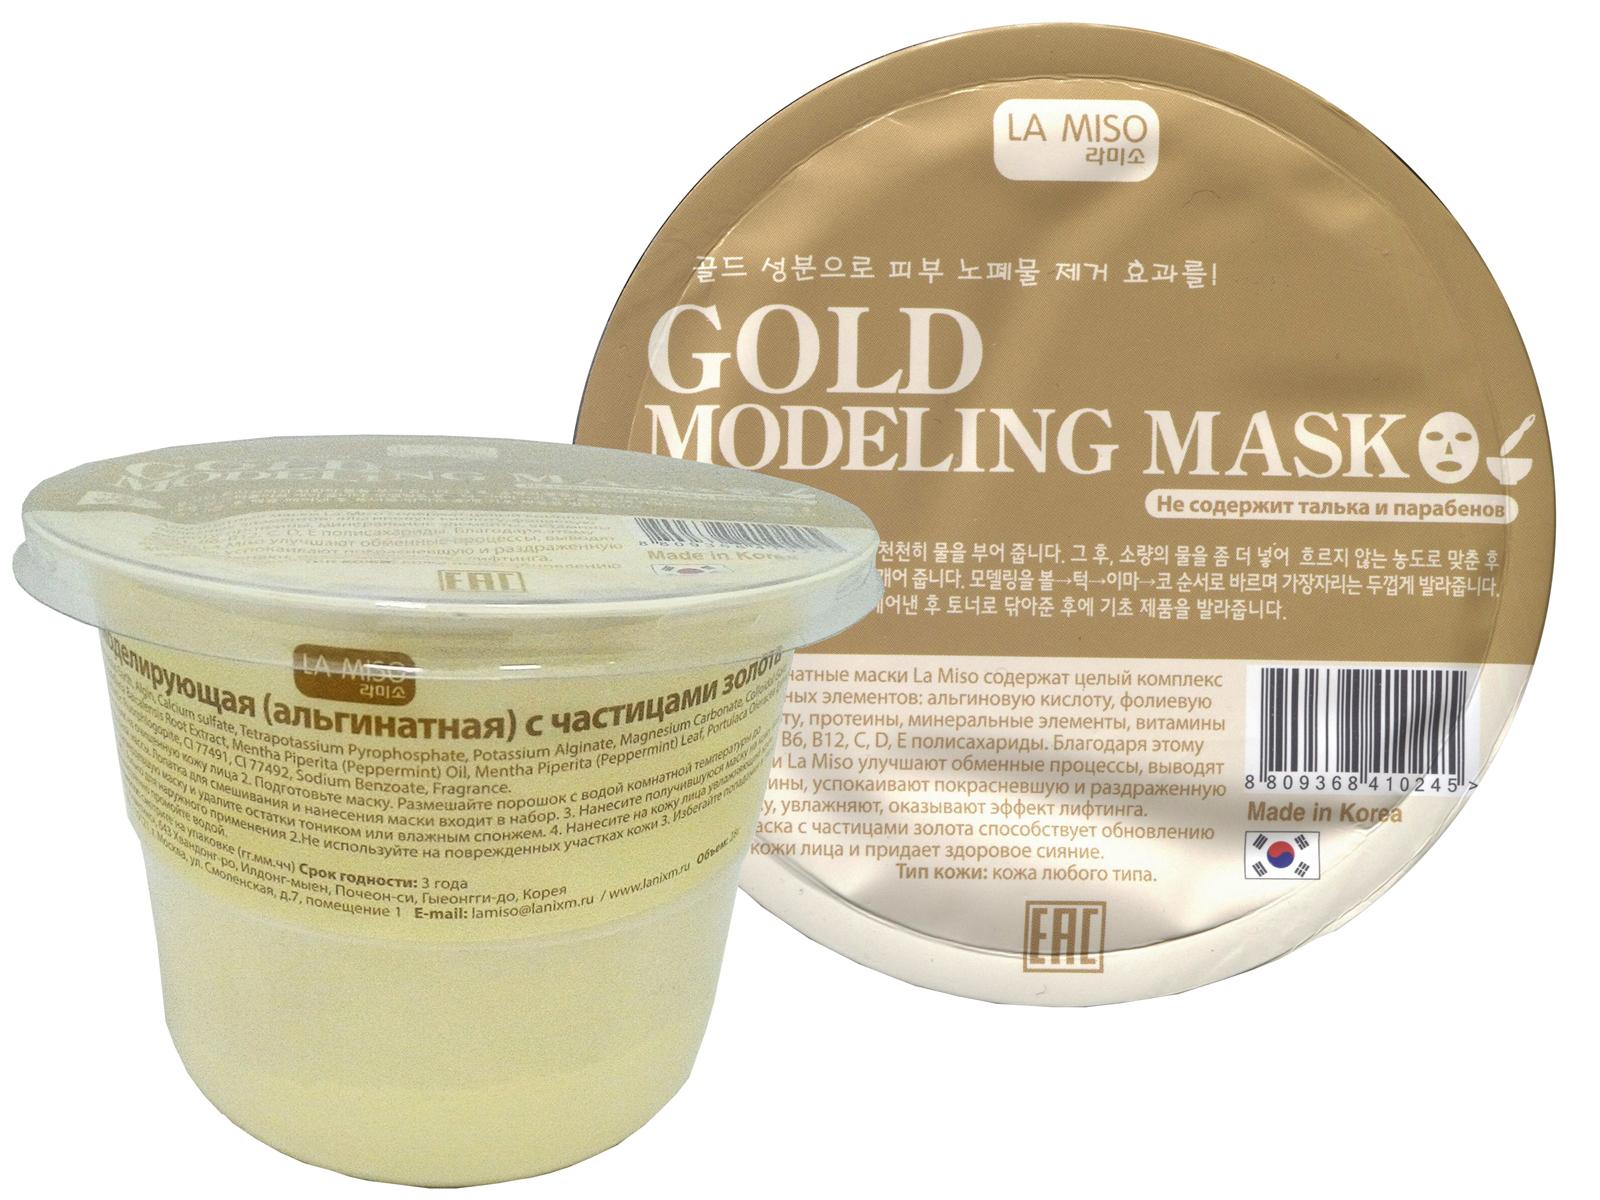 La Miso Маска моделирующая, альгинатная с частицами золота, 28 г100810Альгинатные маски La Miso содержат целый комплекс полезных элементов: альгиновую кислоту, фолиевую кислоту, протеины, минеральные элементы, витамины A, B1, B6, B12, C, D, E полисахариды. Благодаря этому маски La Miso улучшают обменные процессы, выводят токсины, успокаивают покрасневшую и раздраженную кожу, увлажняют, оказывают эффект лифтинга.